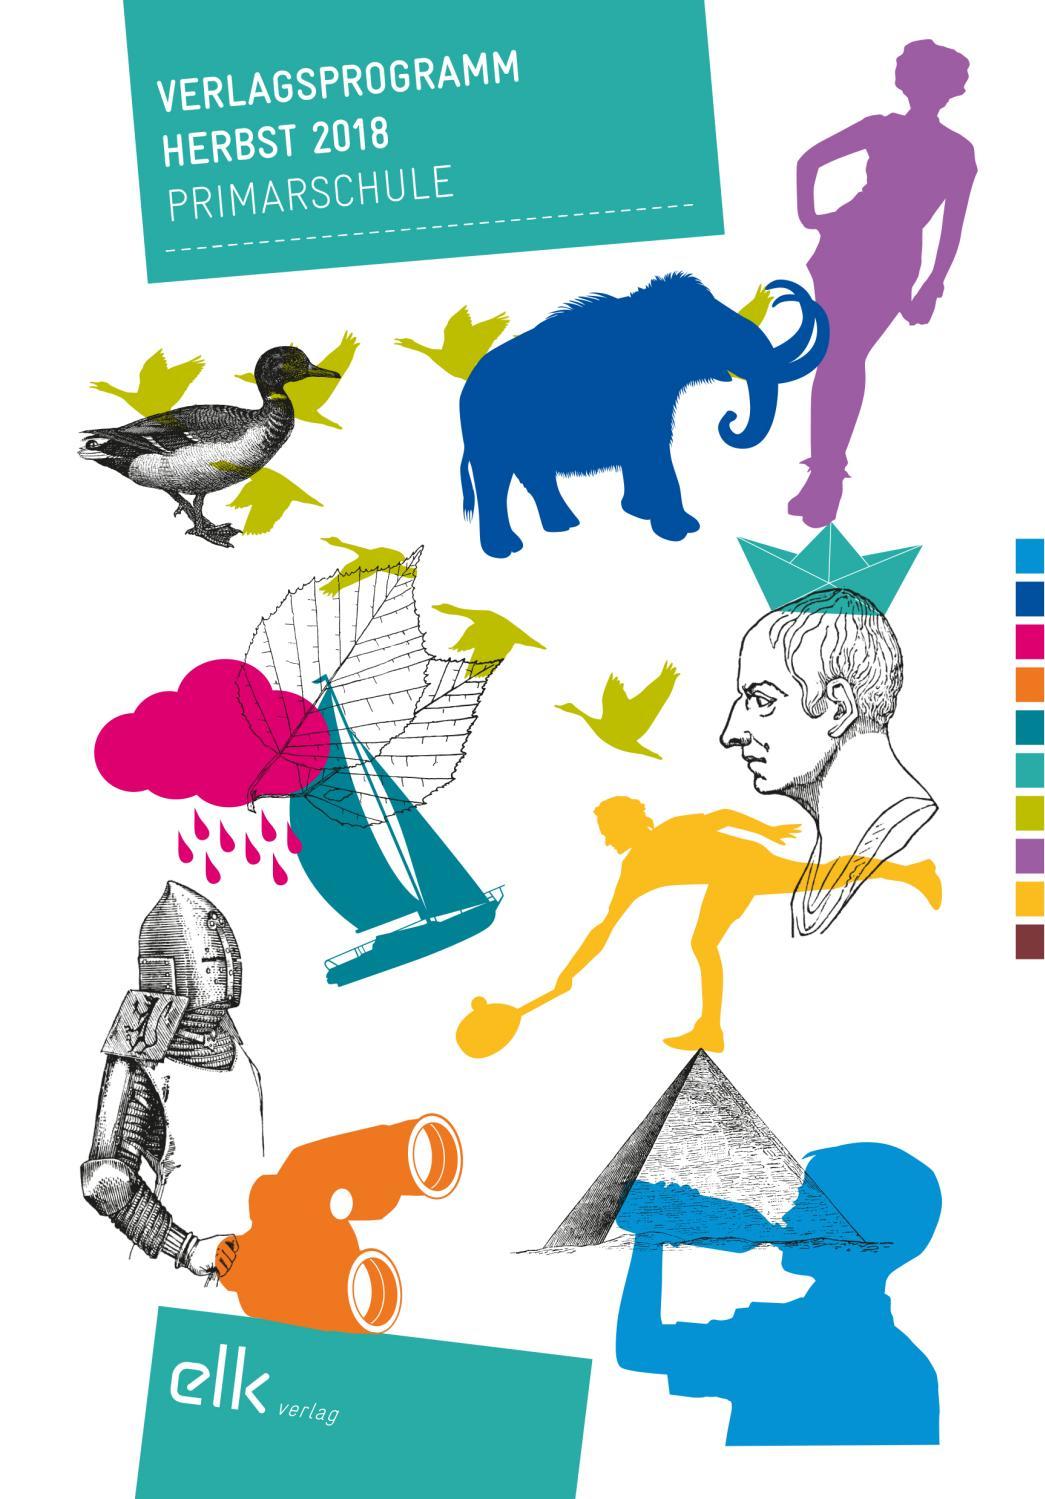 Verlagsprogramm Primarschule Herbst 20 by elk Verlag AG   issuu